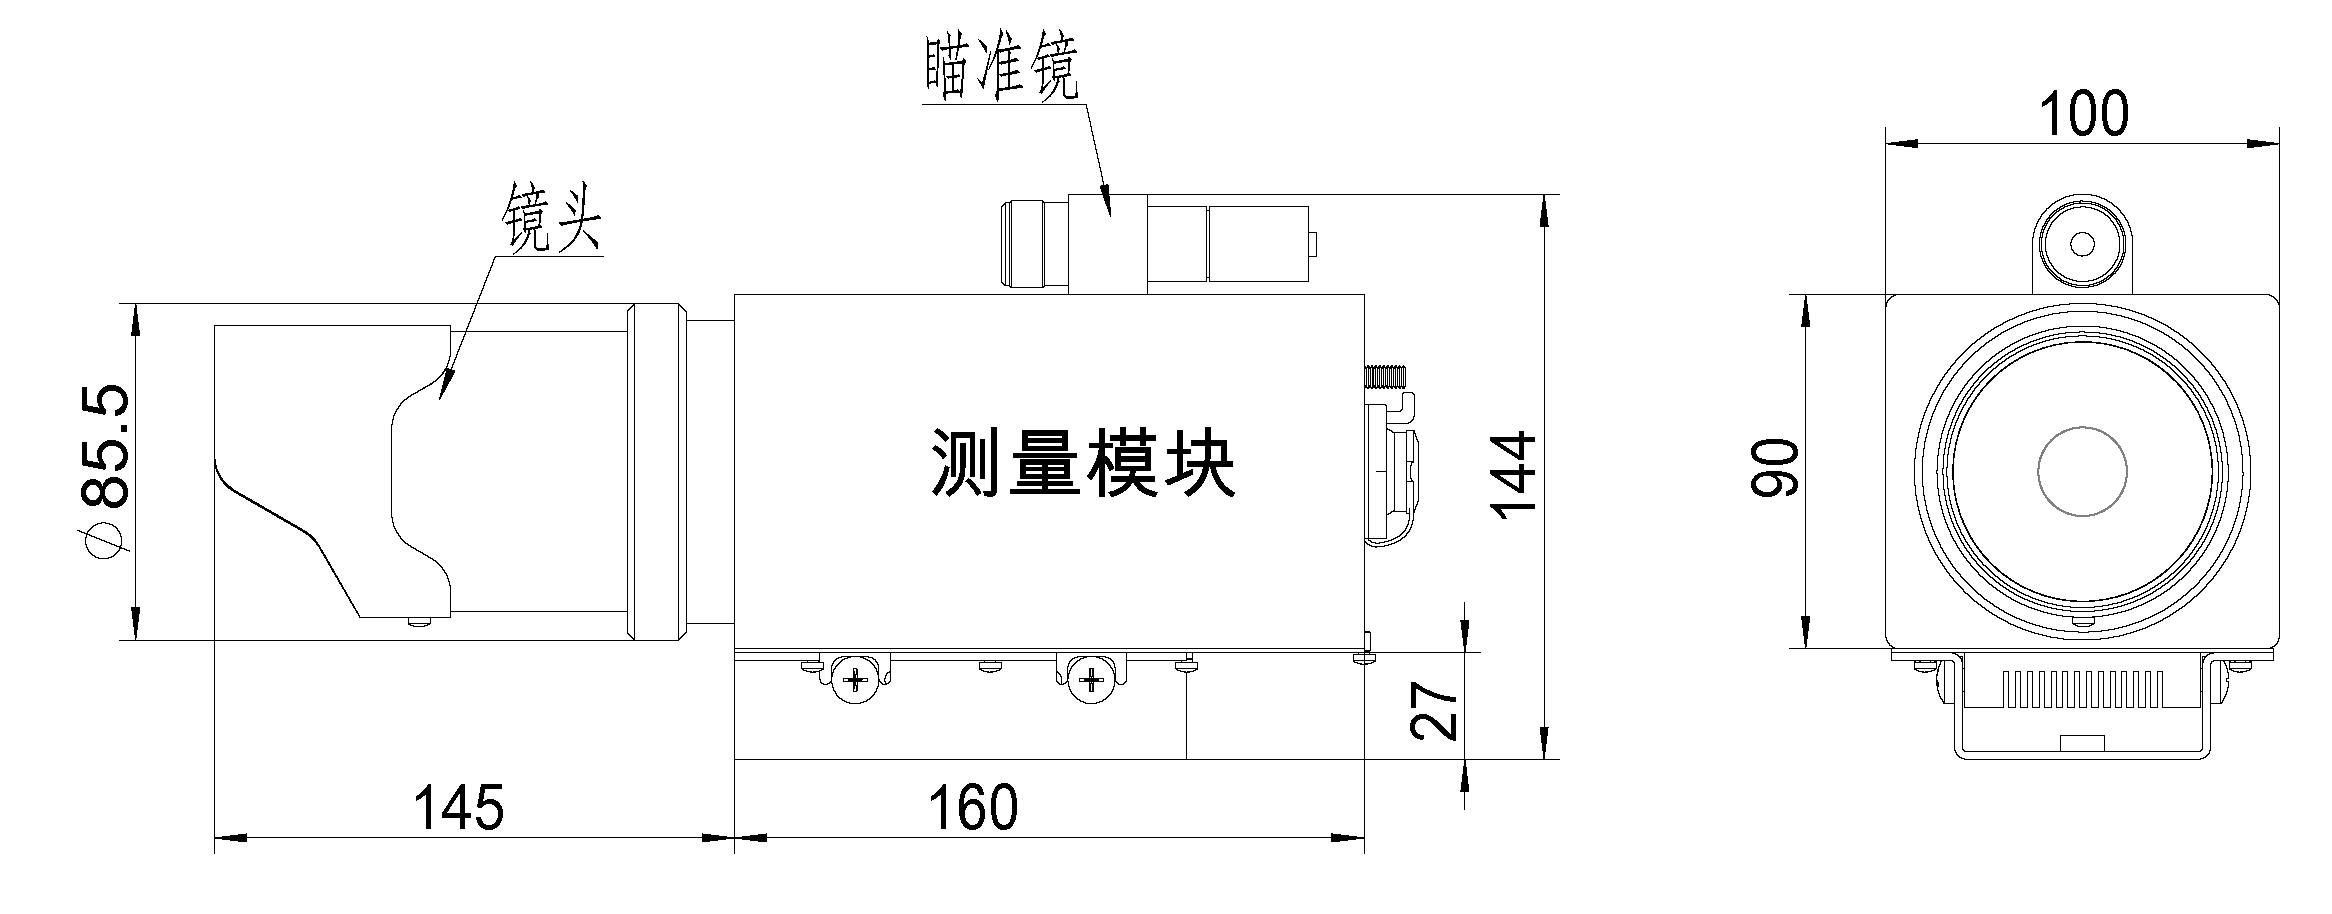 二維位移測量儀尺寸圖